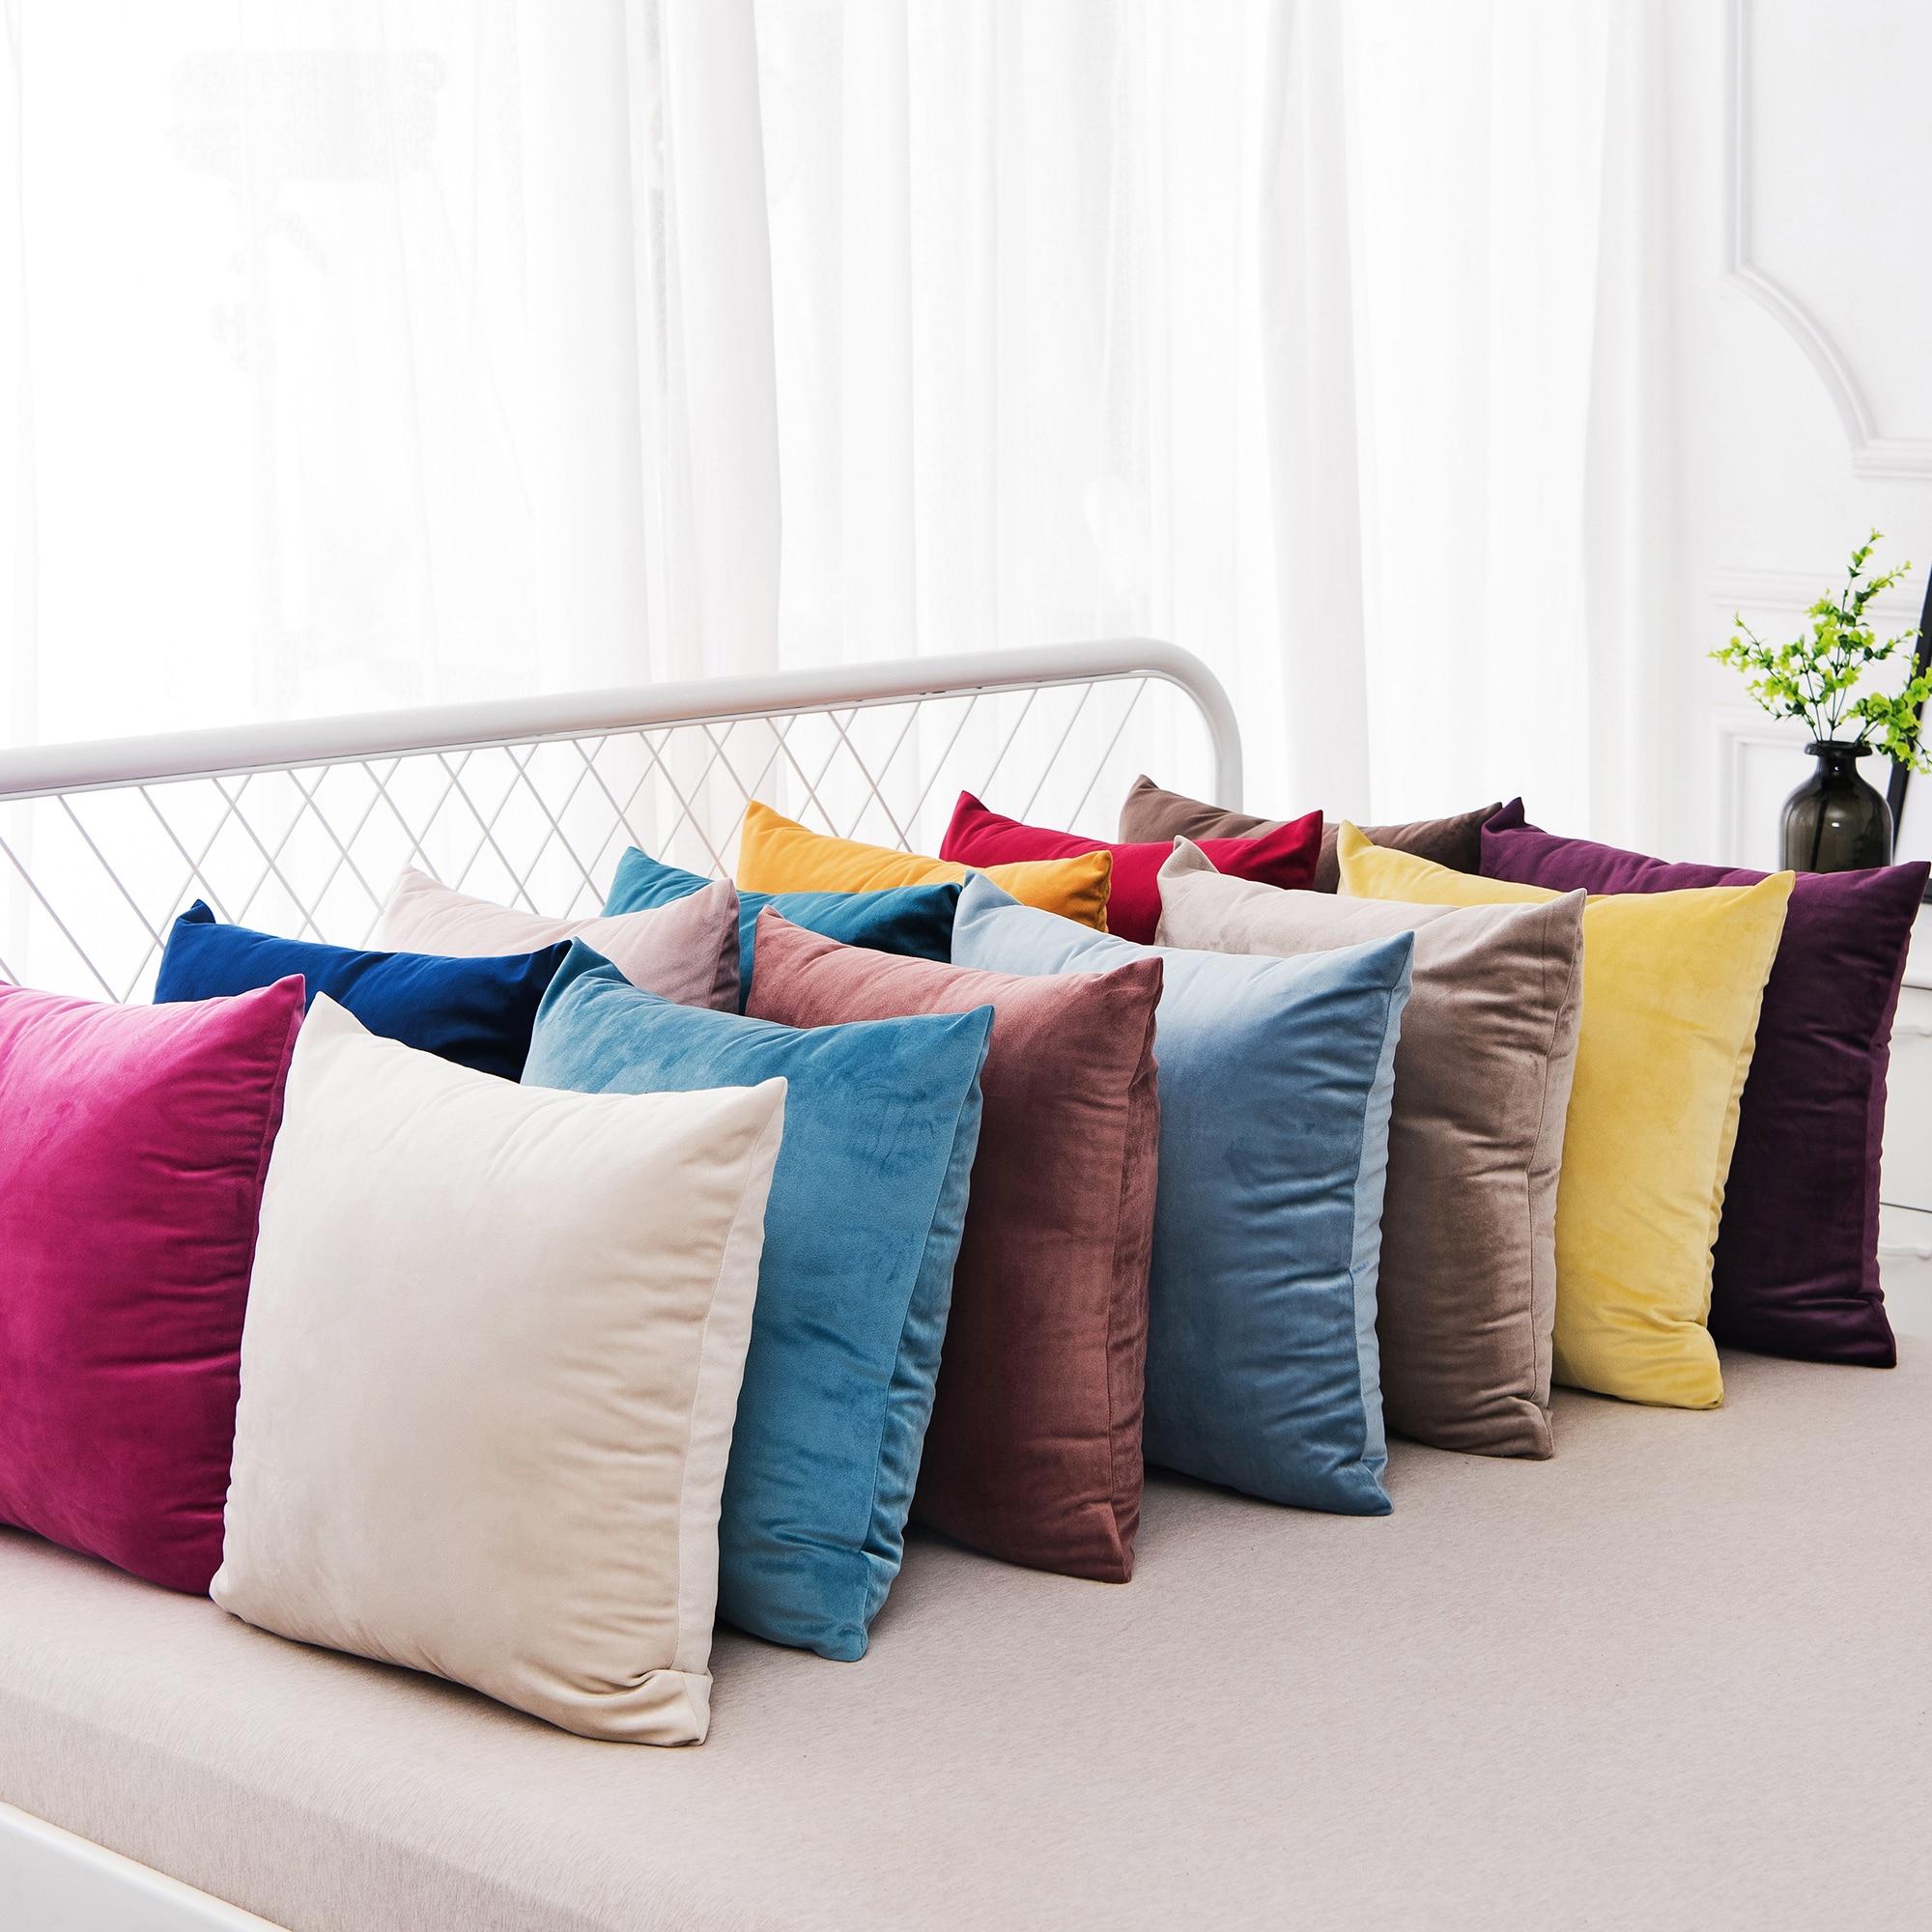 Velvet Cushion Cover Pillow Cover Pillow Case Sofa Throw Pillowcase Decorative